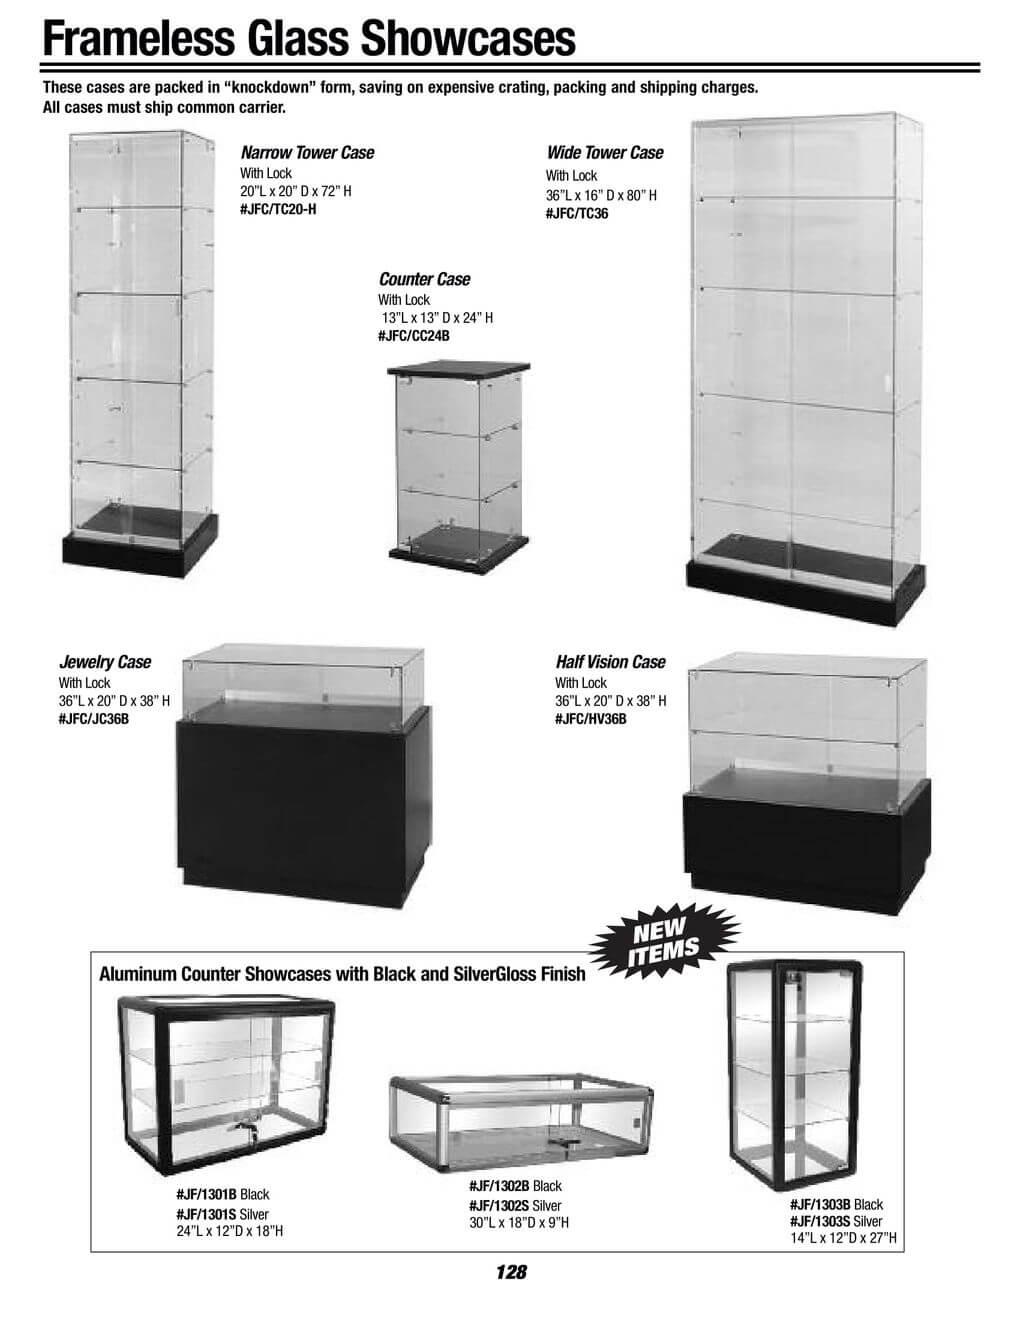 frameless glass showcases